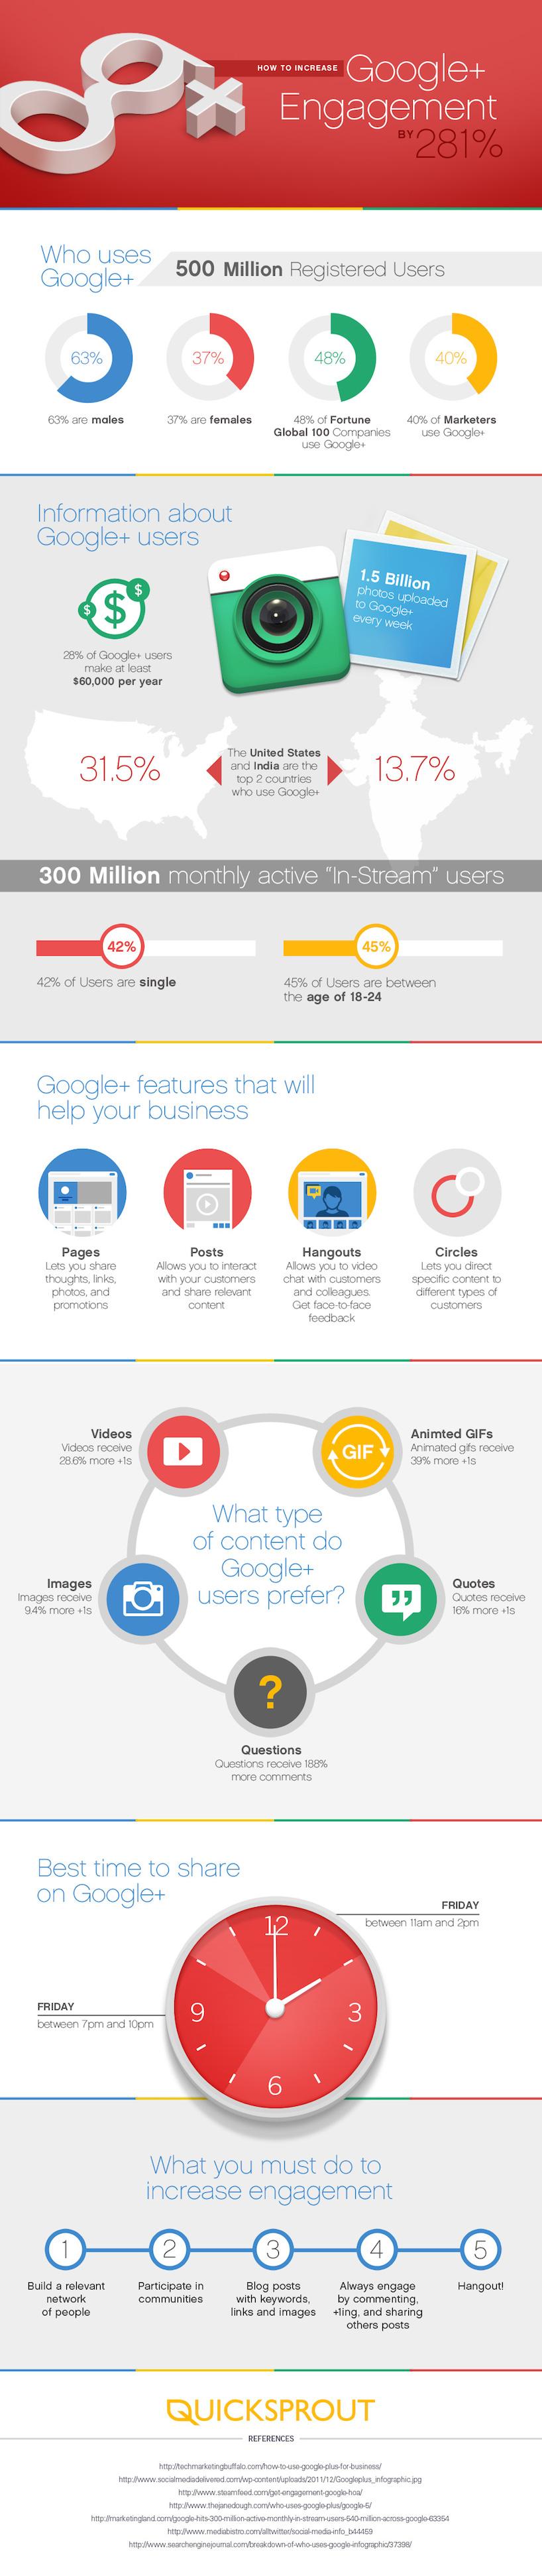 Kapan waktu yang tepat untuk meningkatkan engagement di Google+ plus?